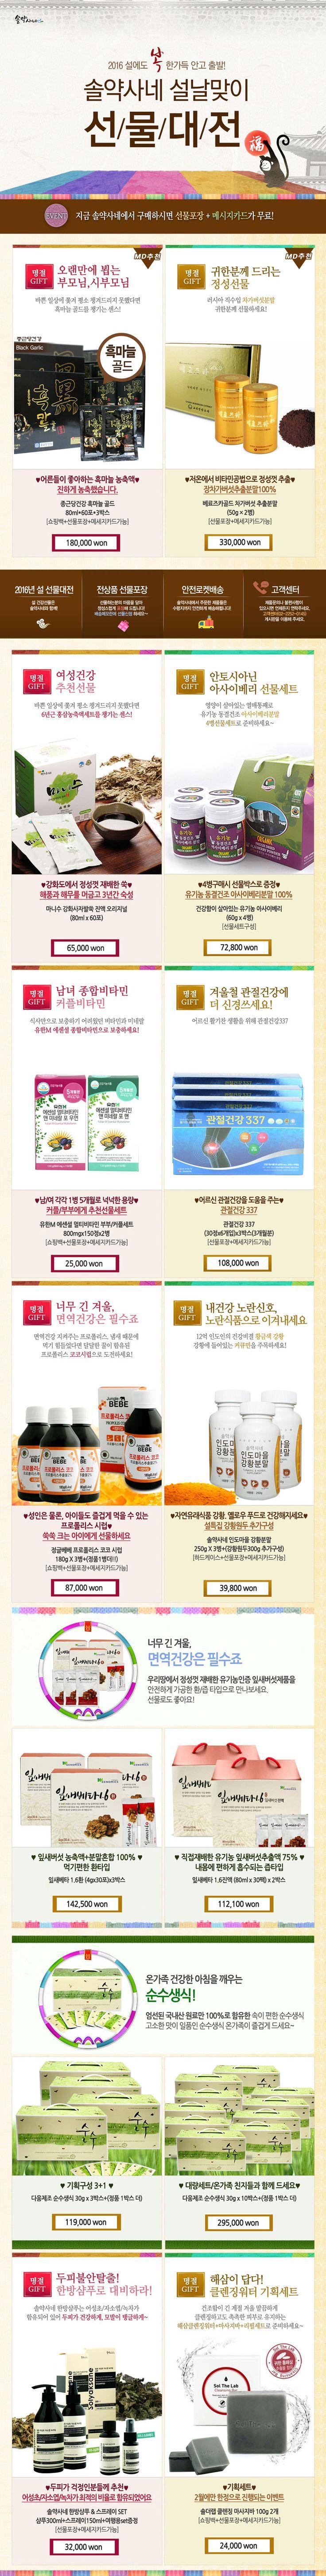 솔약국 설날 - 백화점을 인터넷으로 | 롯데닷컴